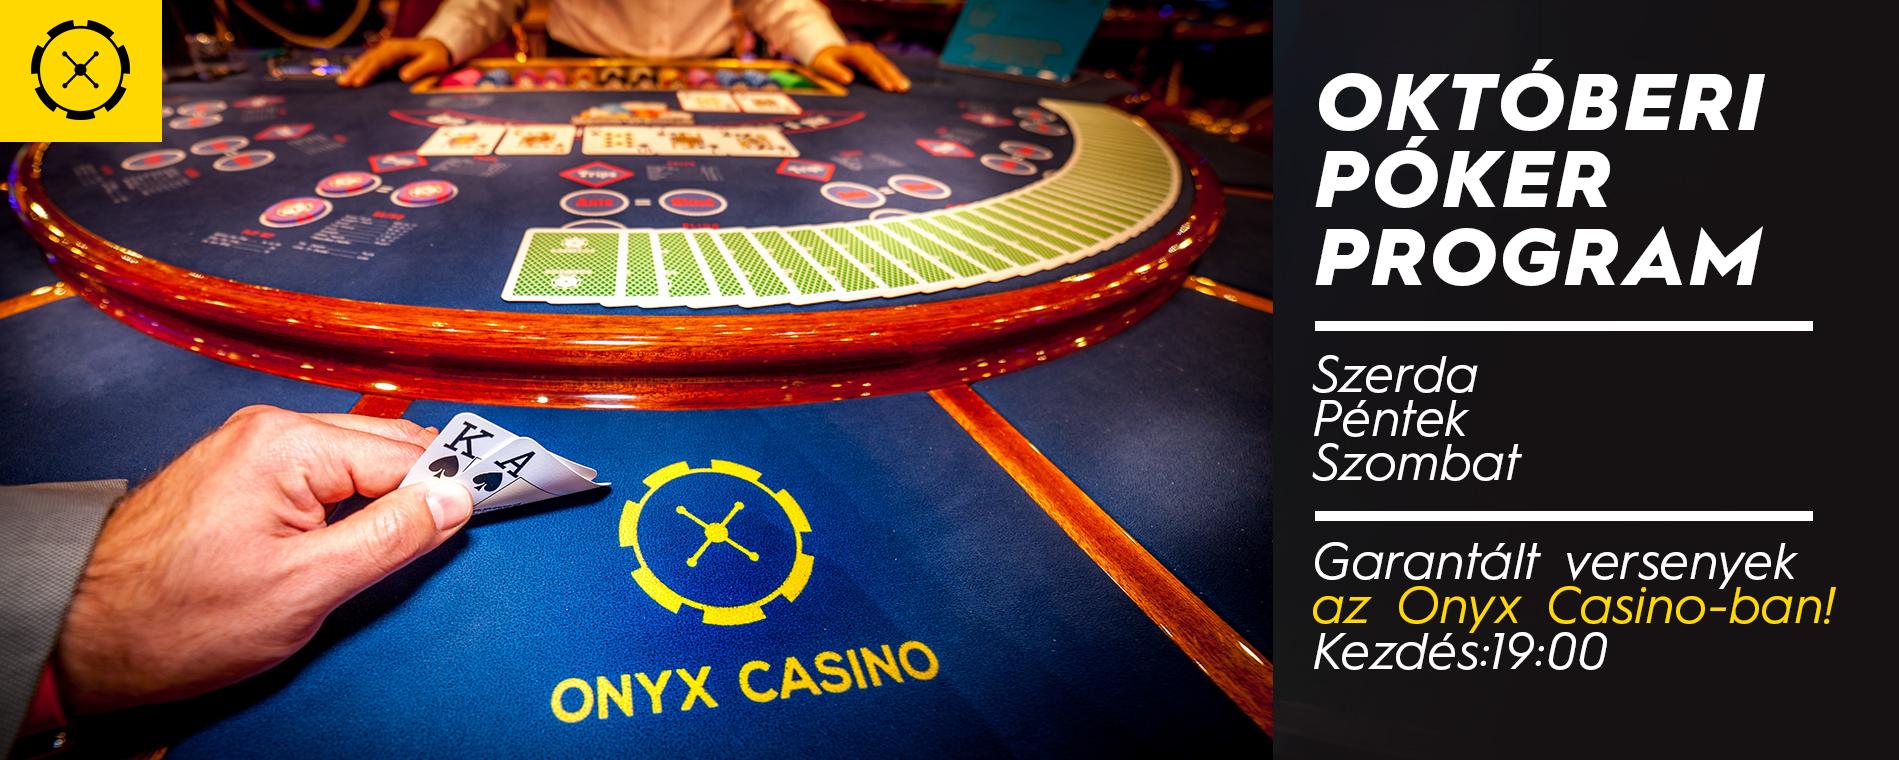 onyx_casino_okt_poker_04